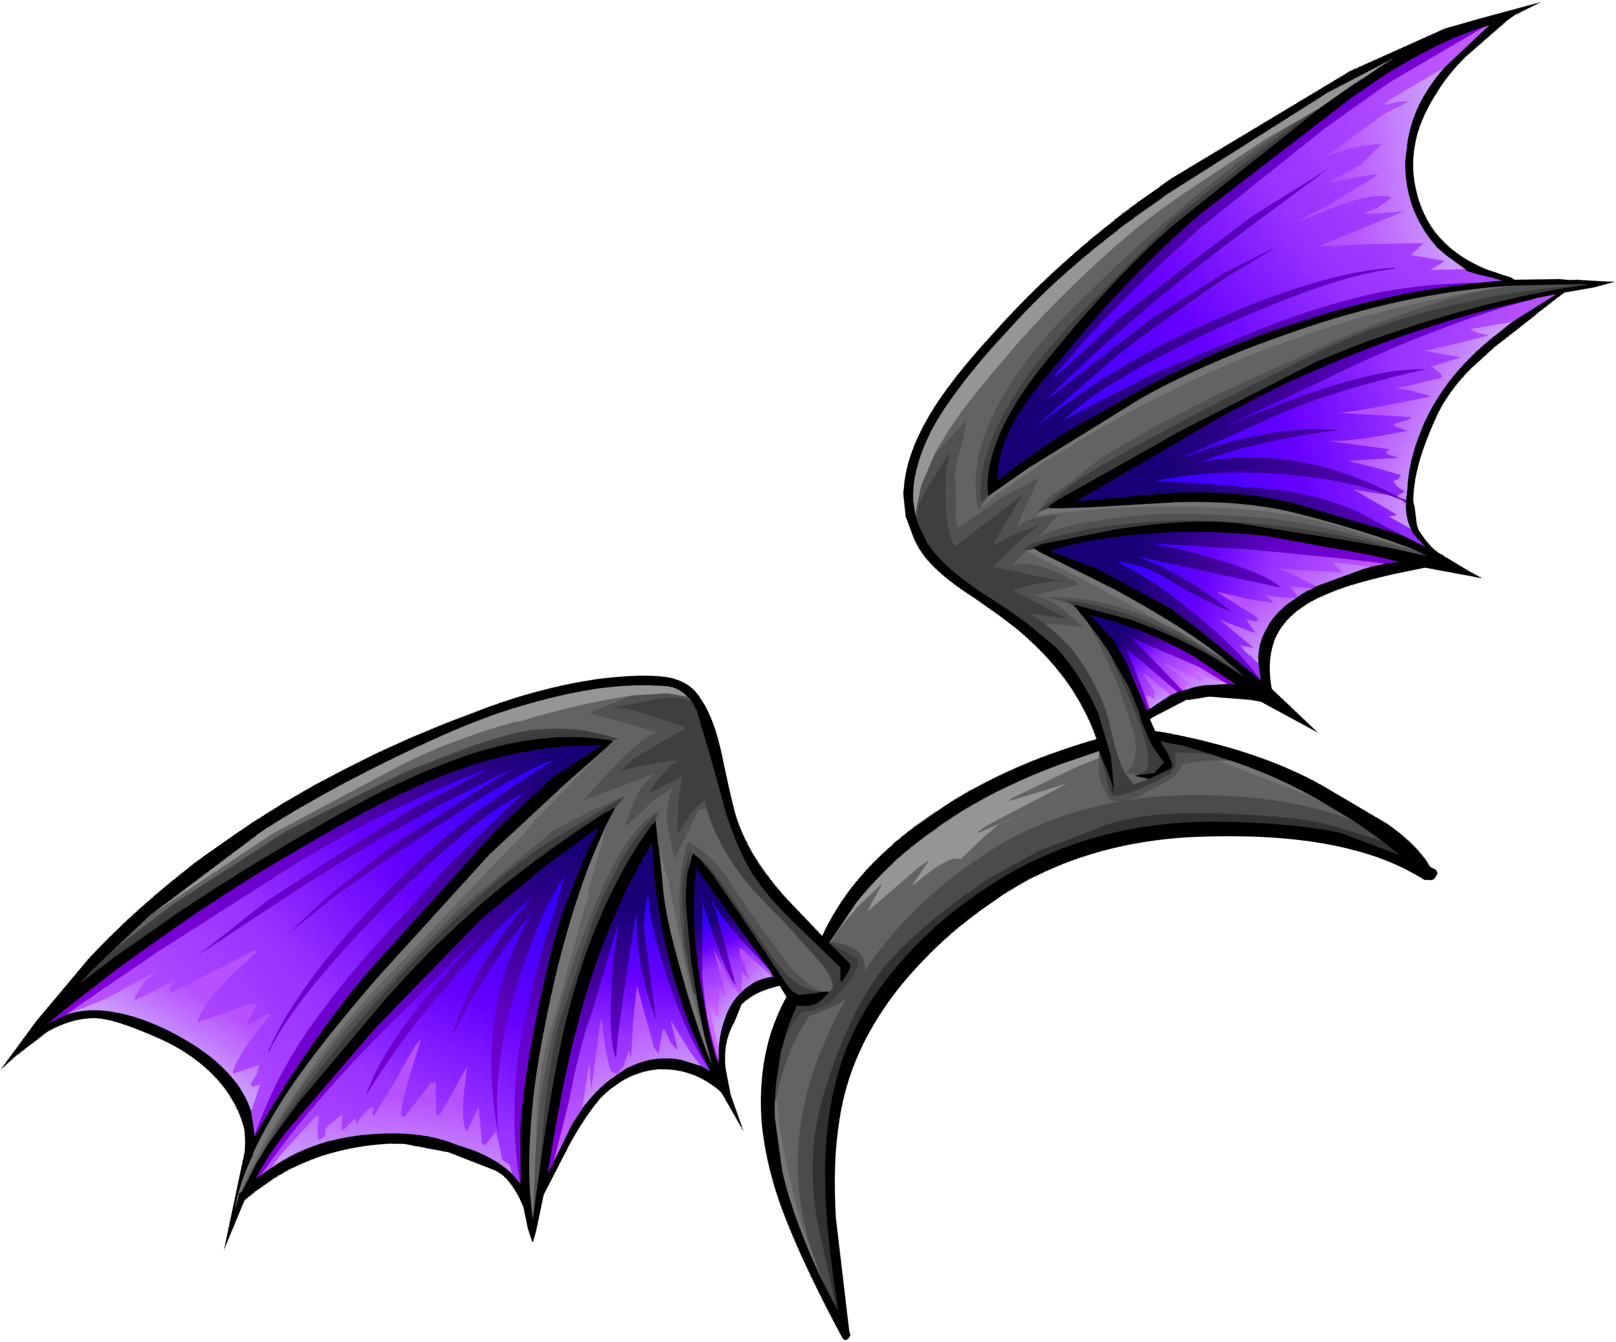 Purple Bat Wings